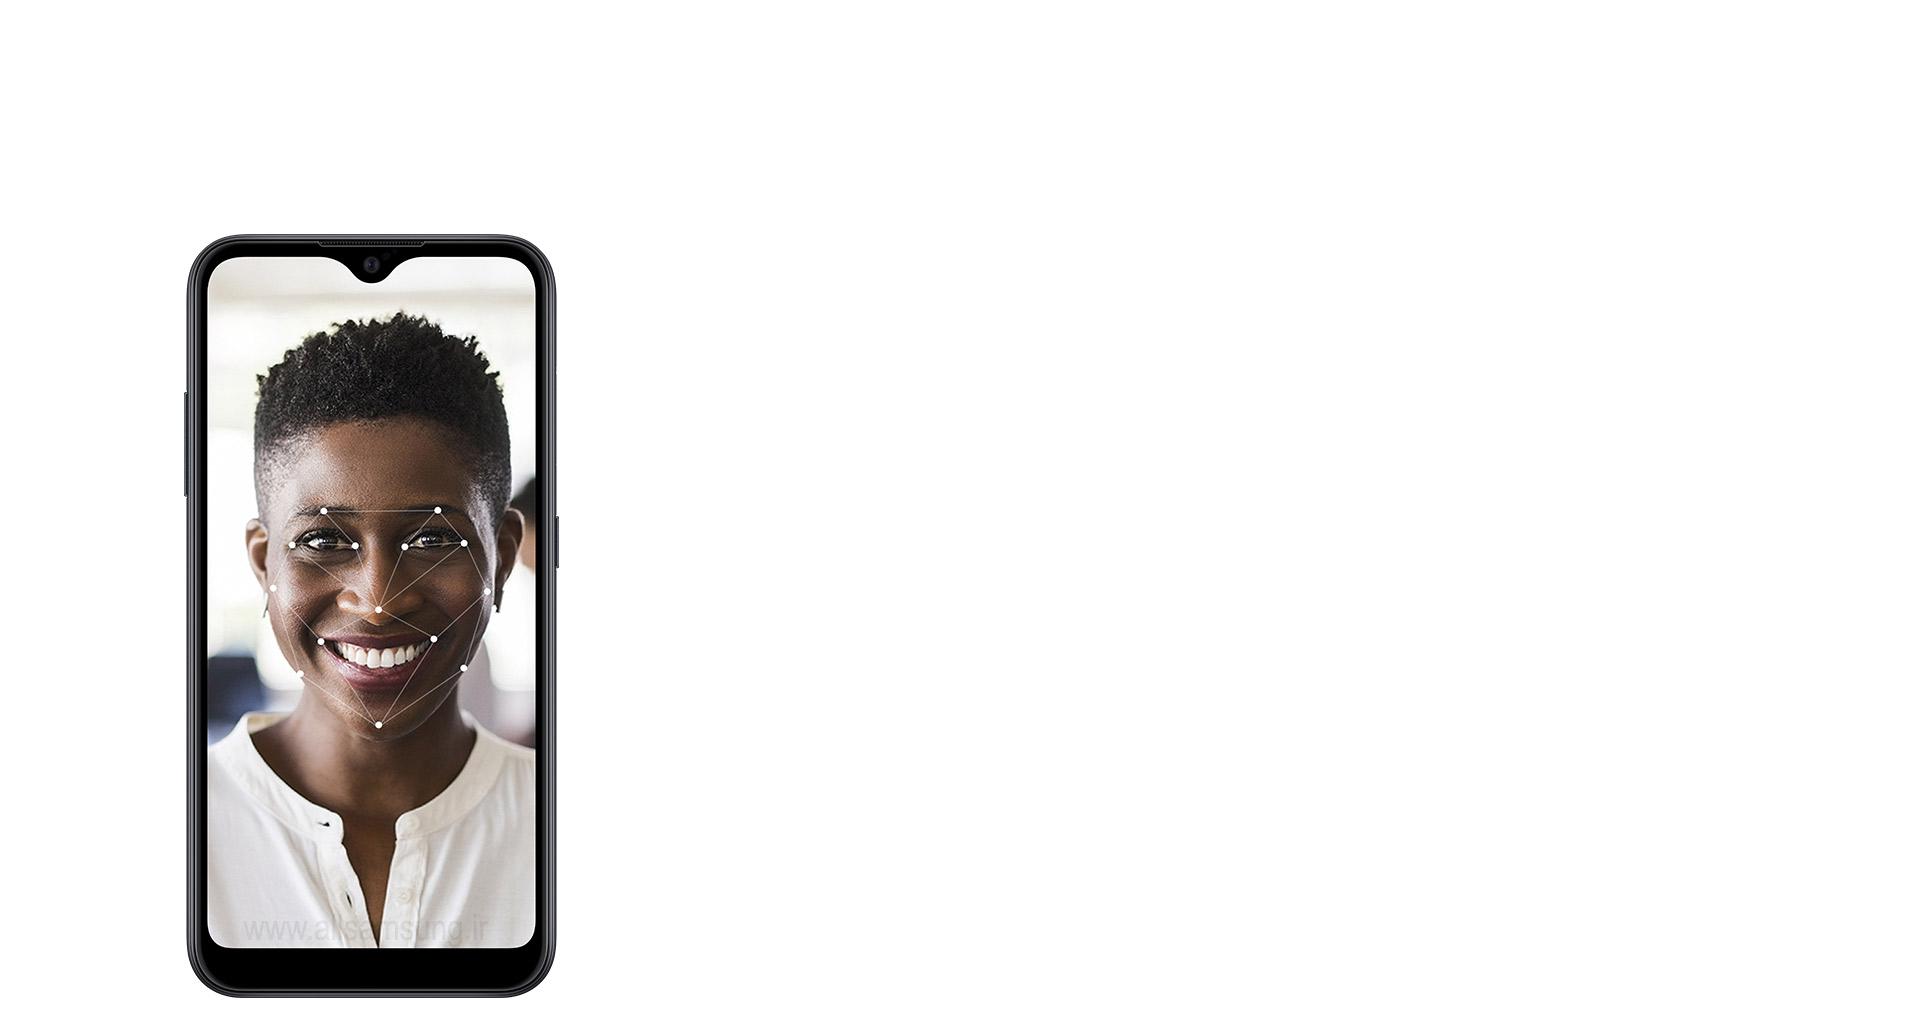 گوشی a01 قیمت روز